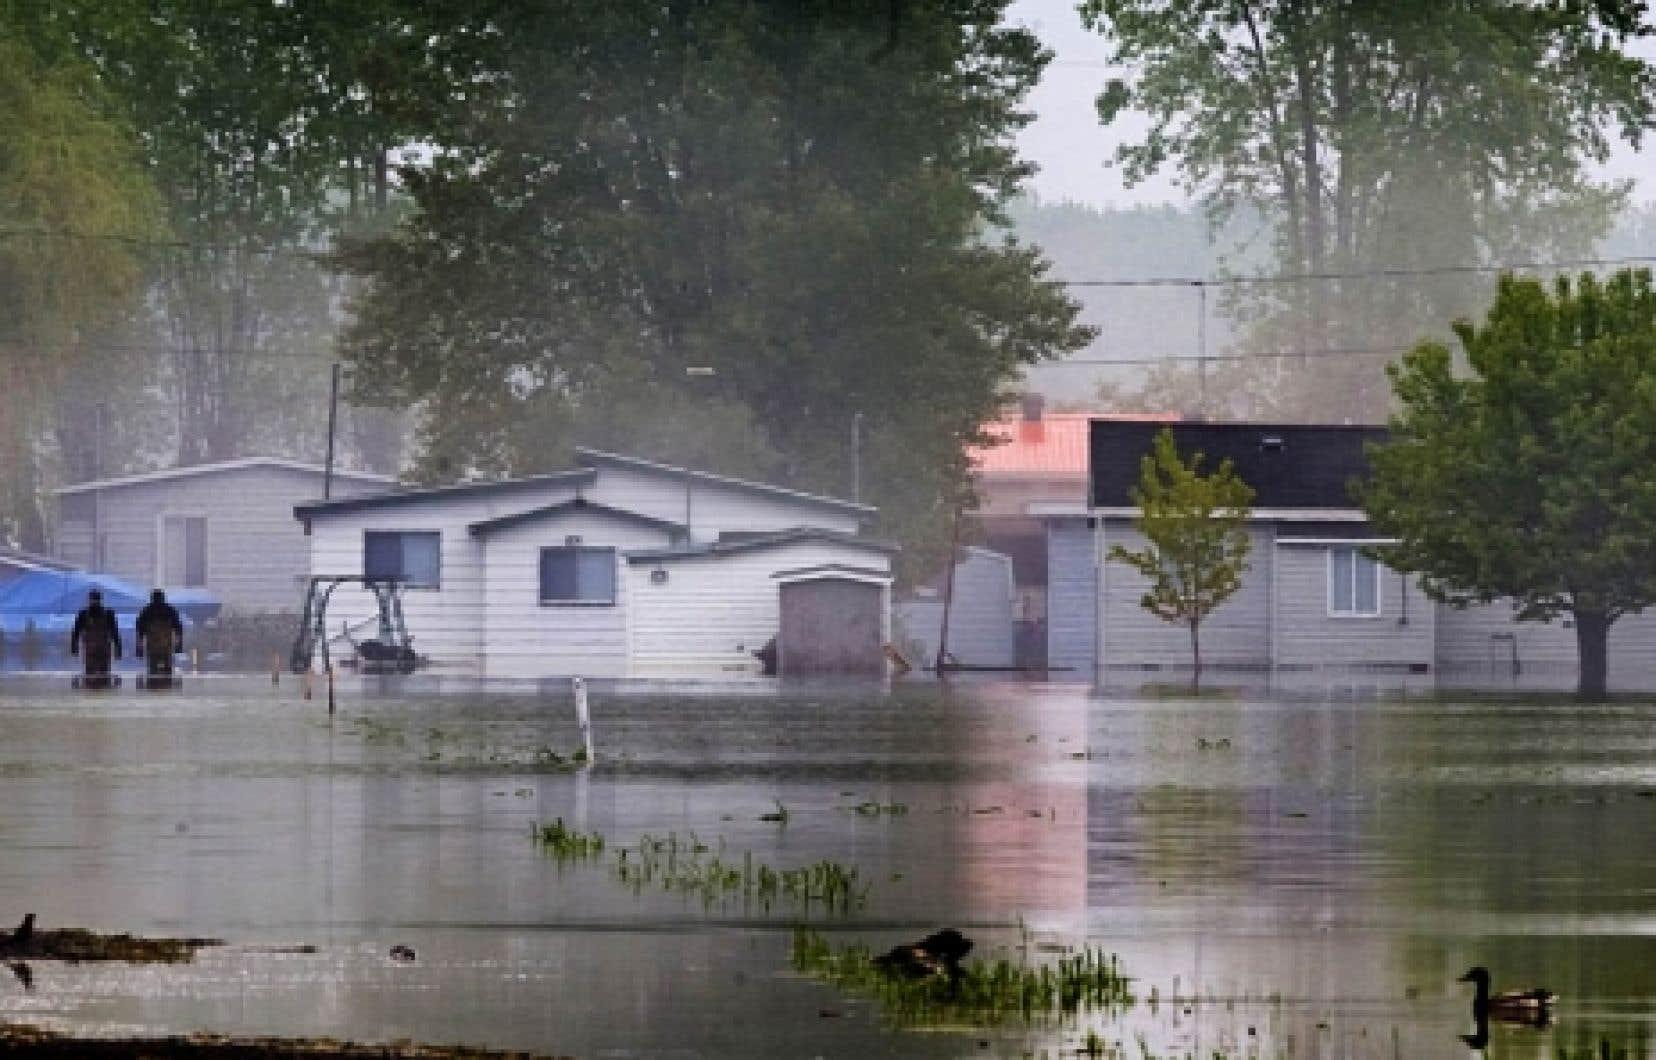 Les inondations qui ont touché Saint-Paul-de-l'île-aux Noix et d'autres municipalités de la Montérégie sont les pires à être survenues au Québec depuis le déluge du Saguenay en 1996.<br />